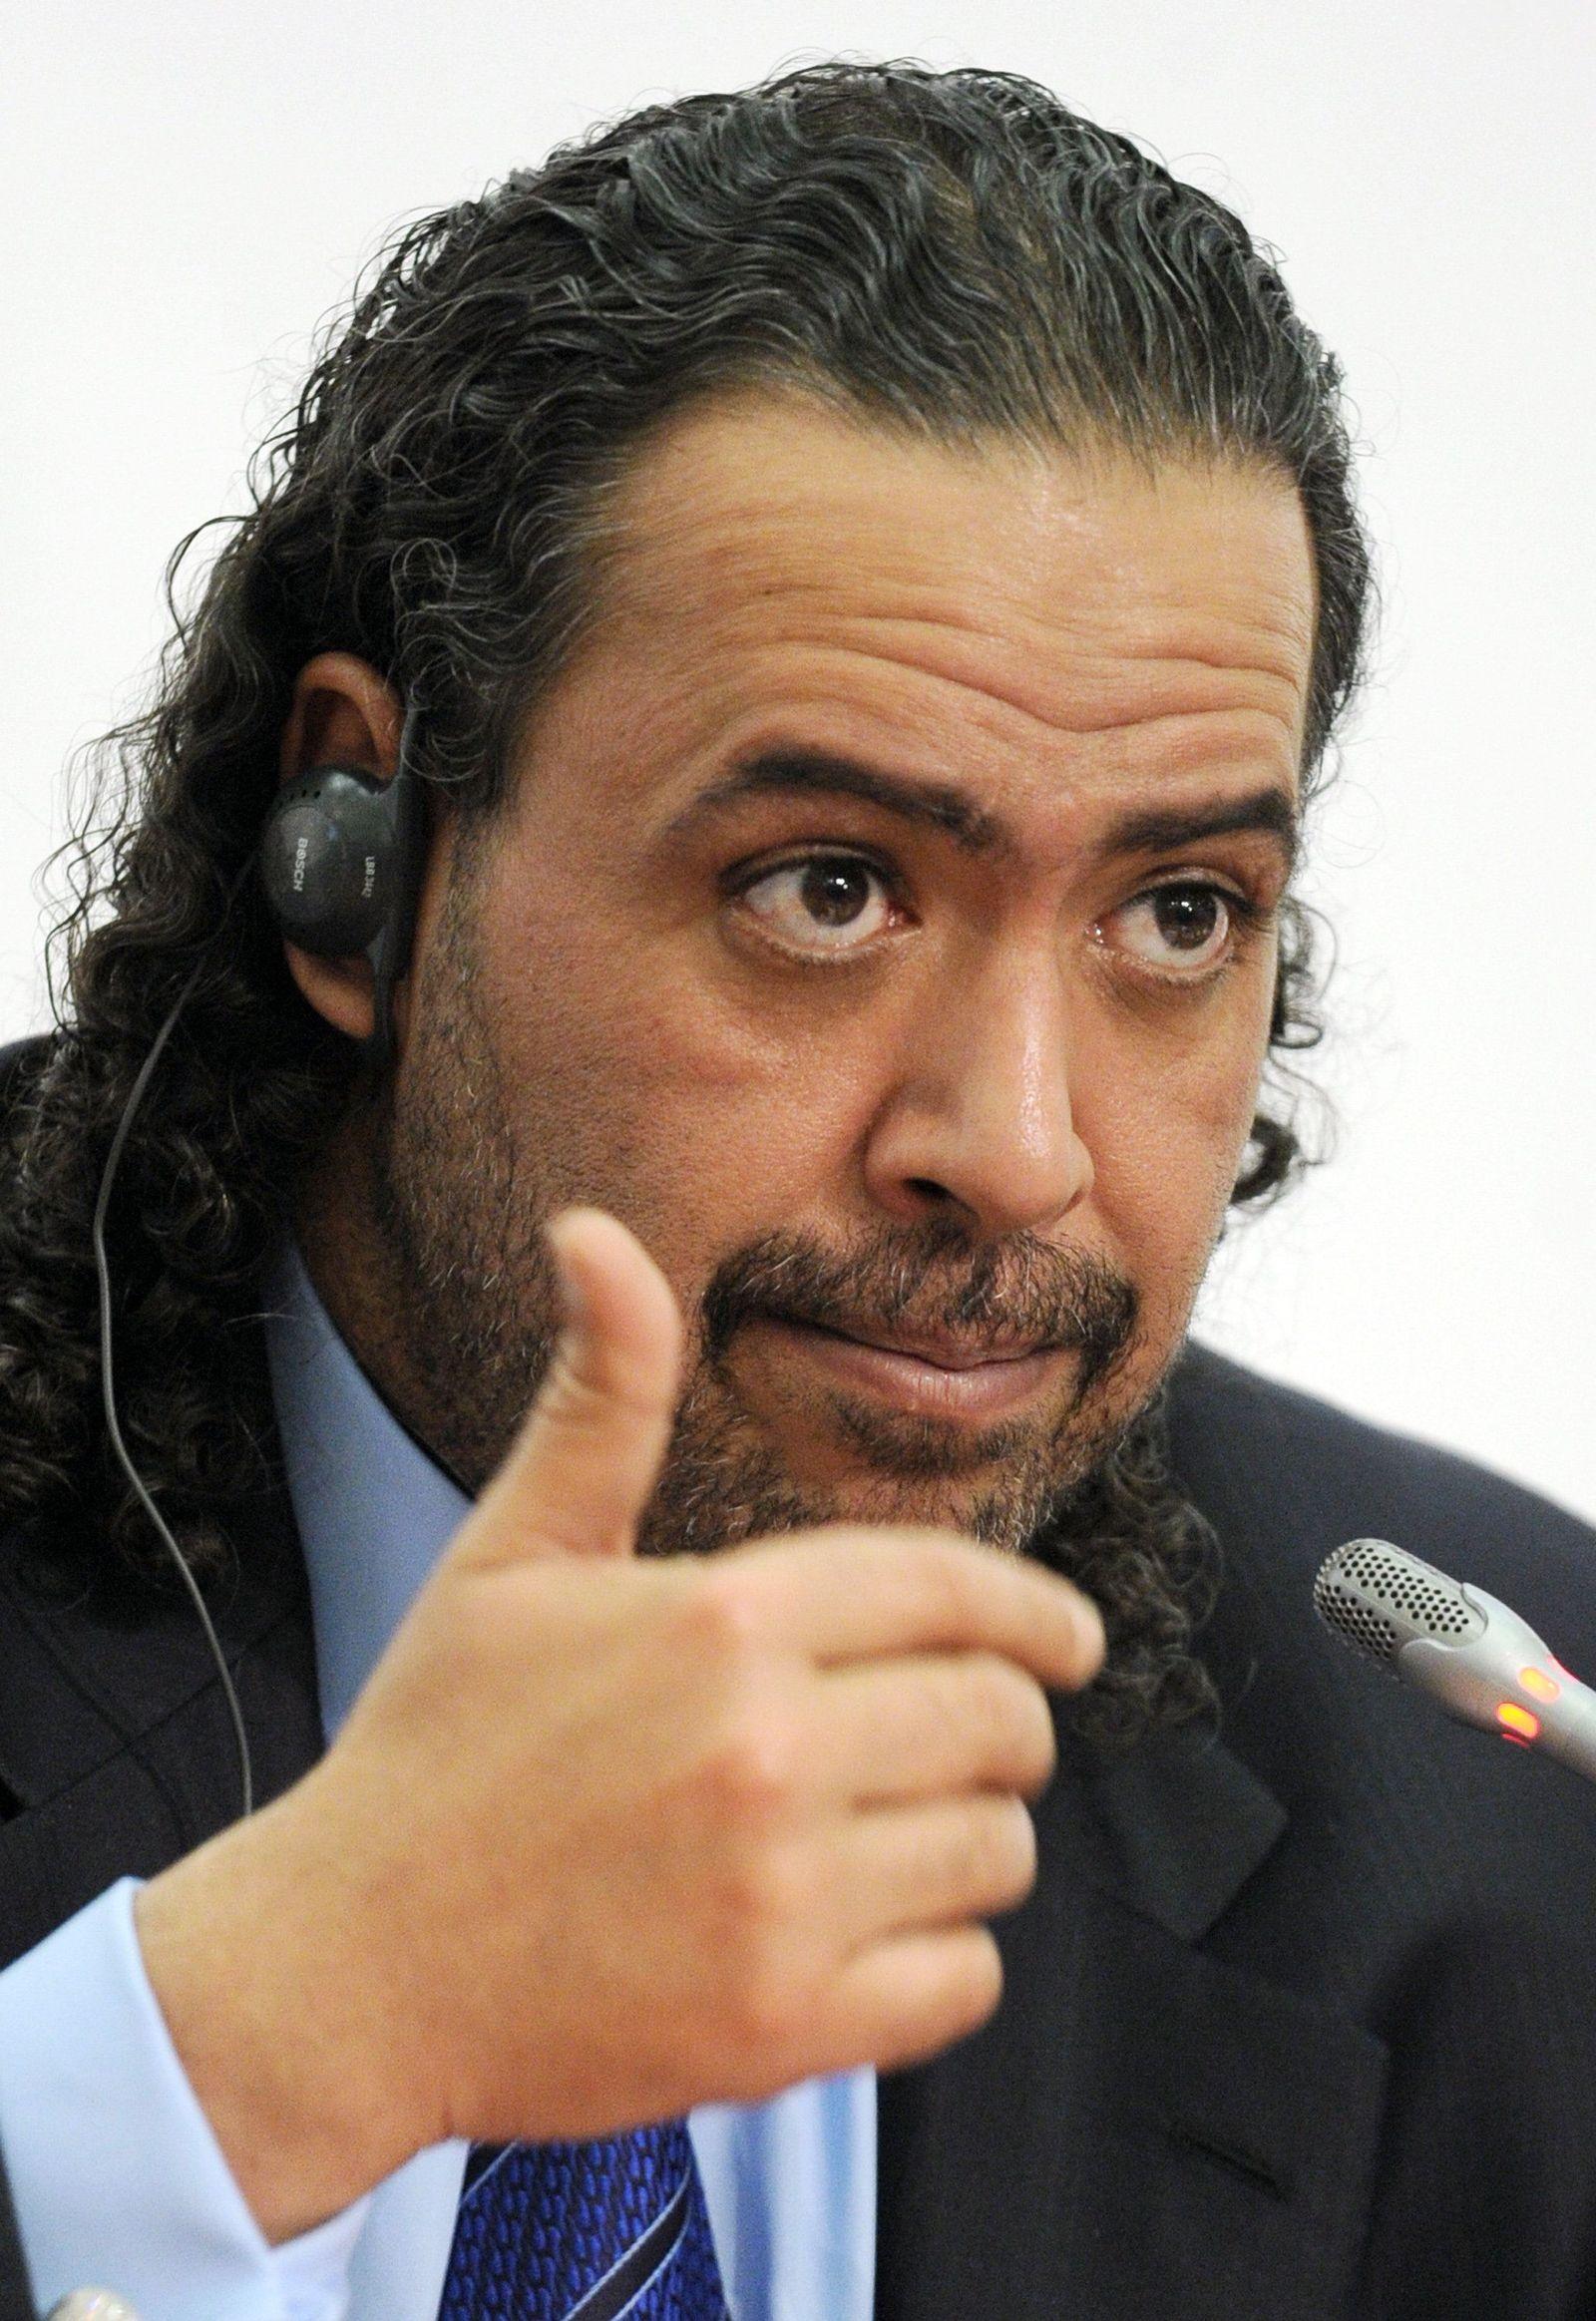 Scheich Ahmad Al-Fahad Al-Sabah